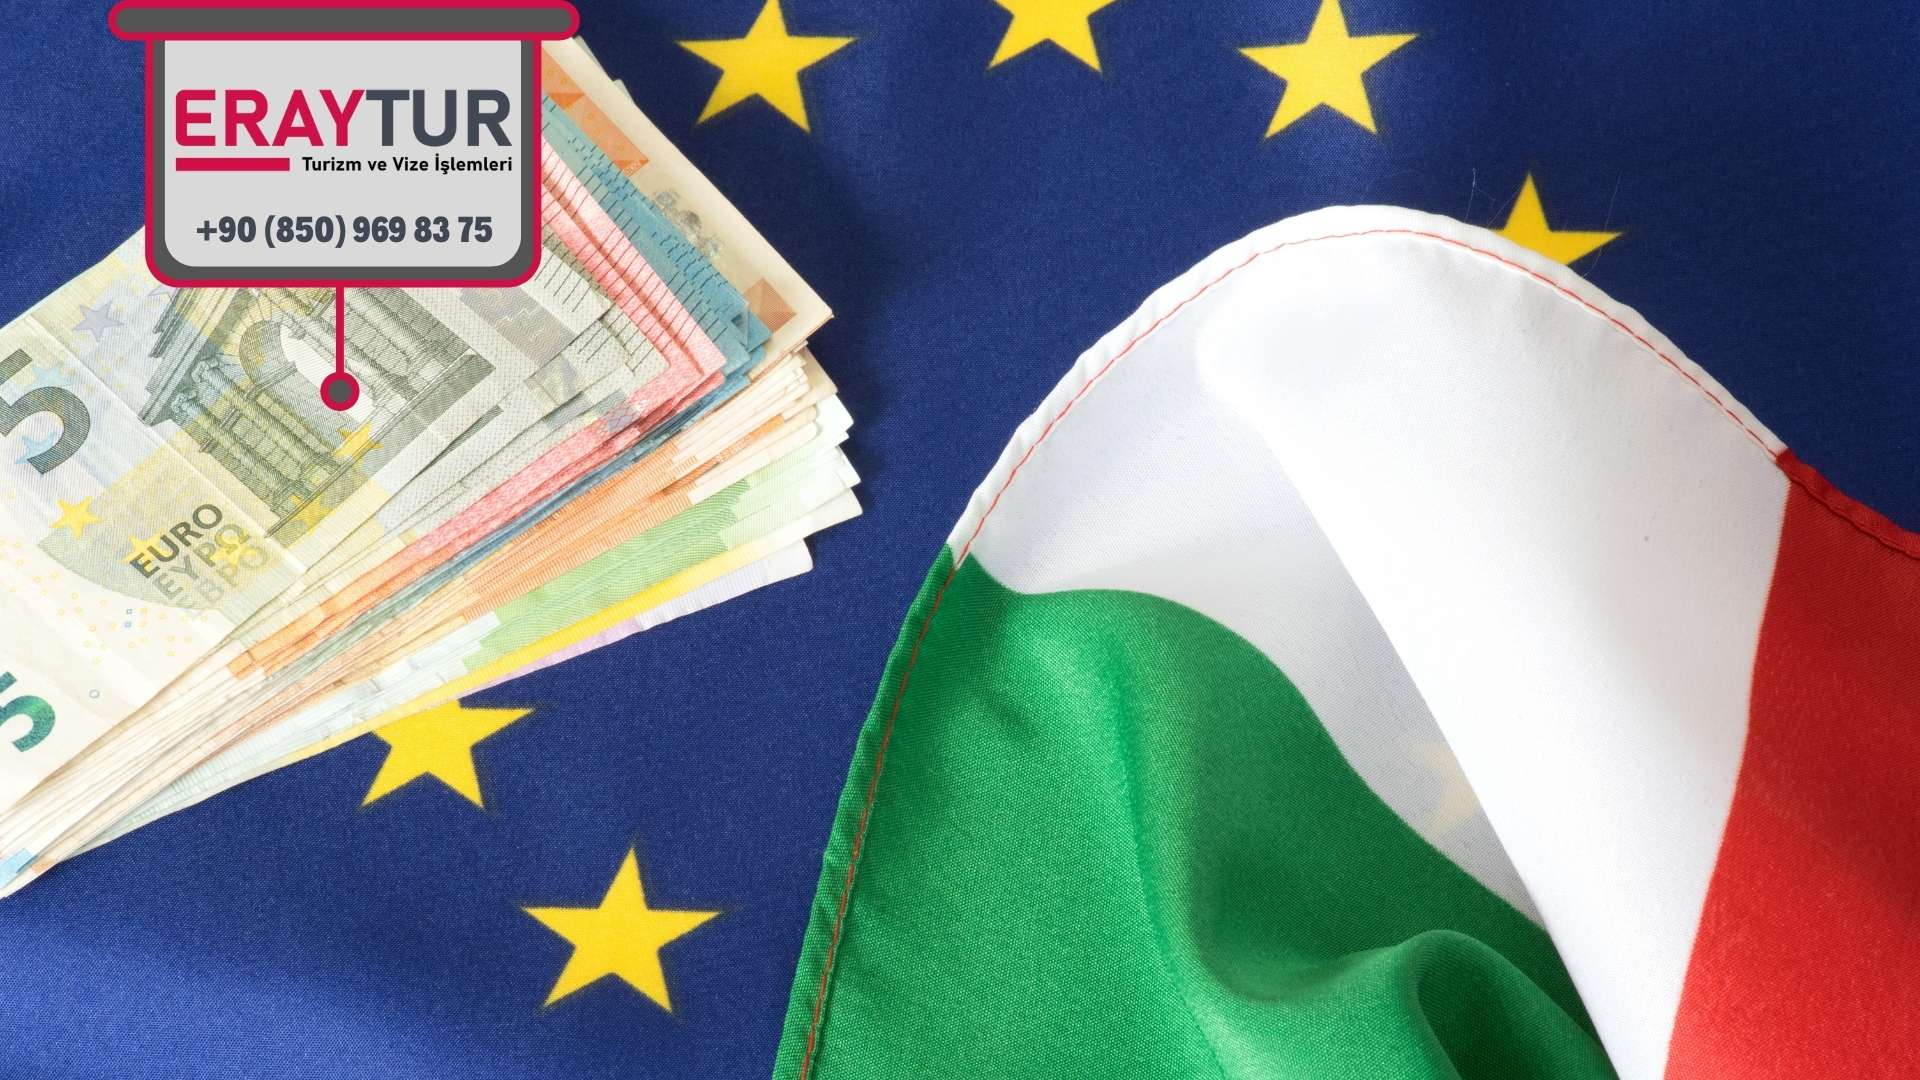 İtalya 0-6 Yaş ve 6-12 Yaş Aralığındaki Çocuklar İçin Vize Ücretleri